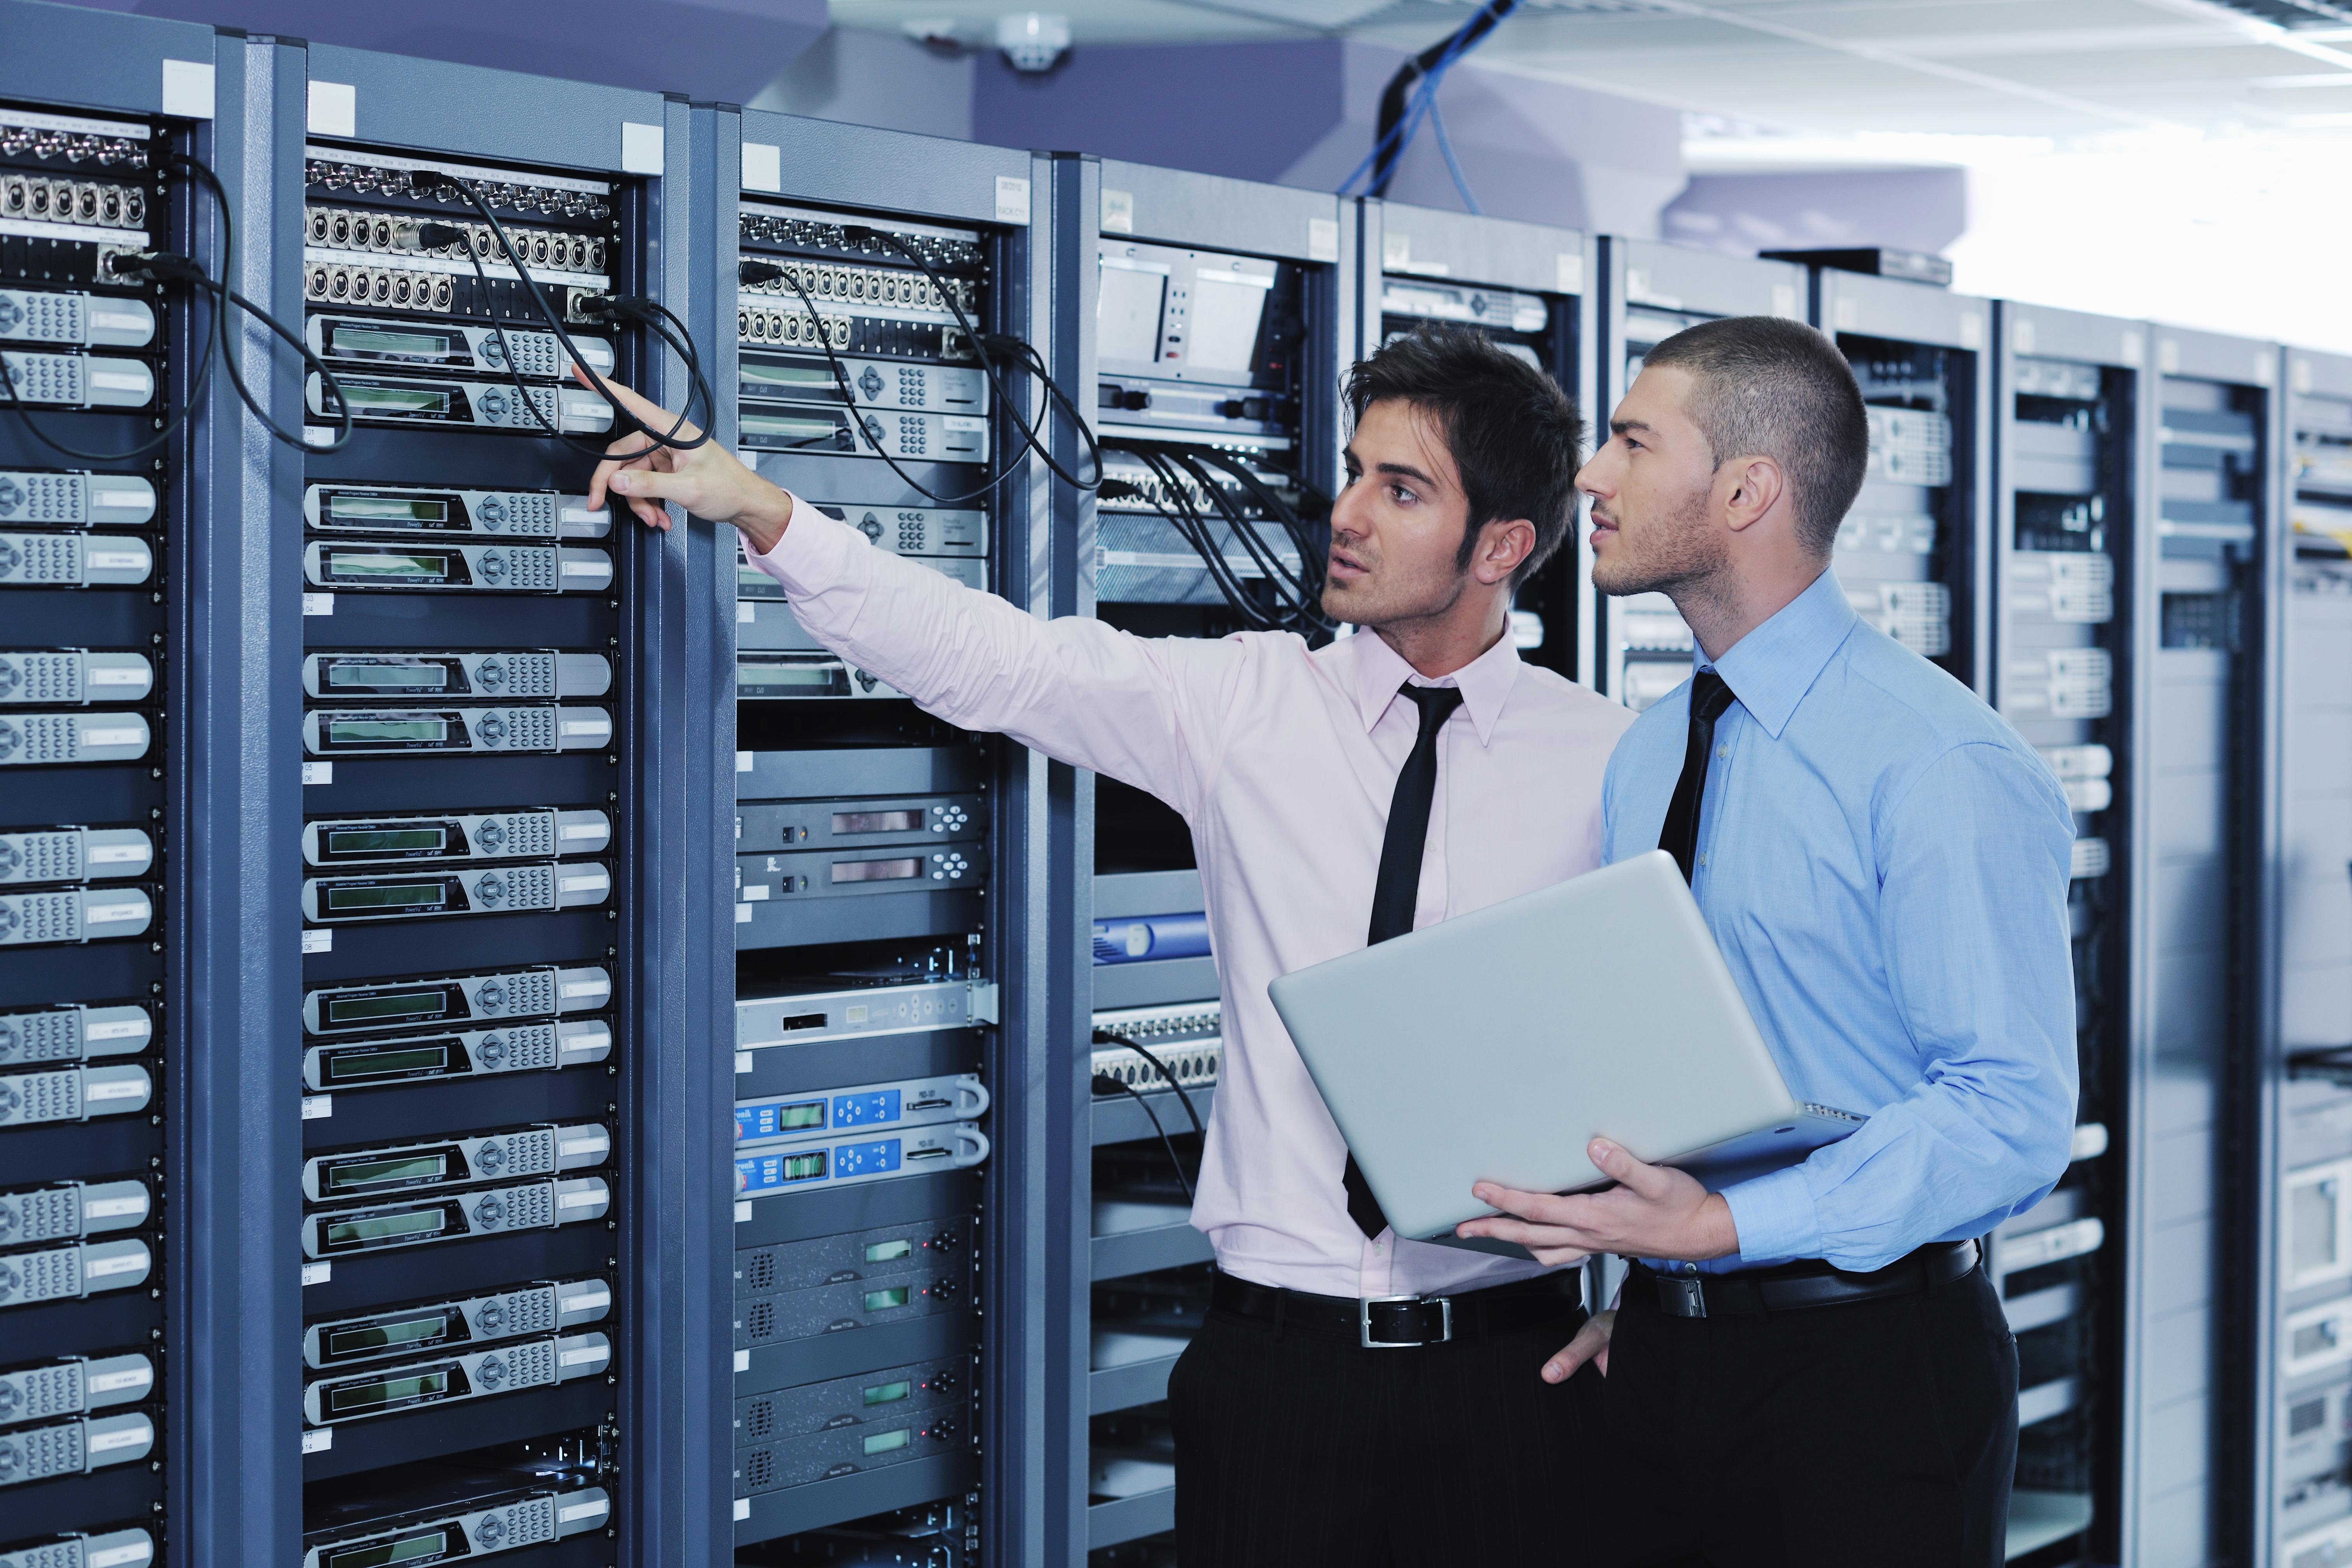 internet colocation center